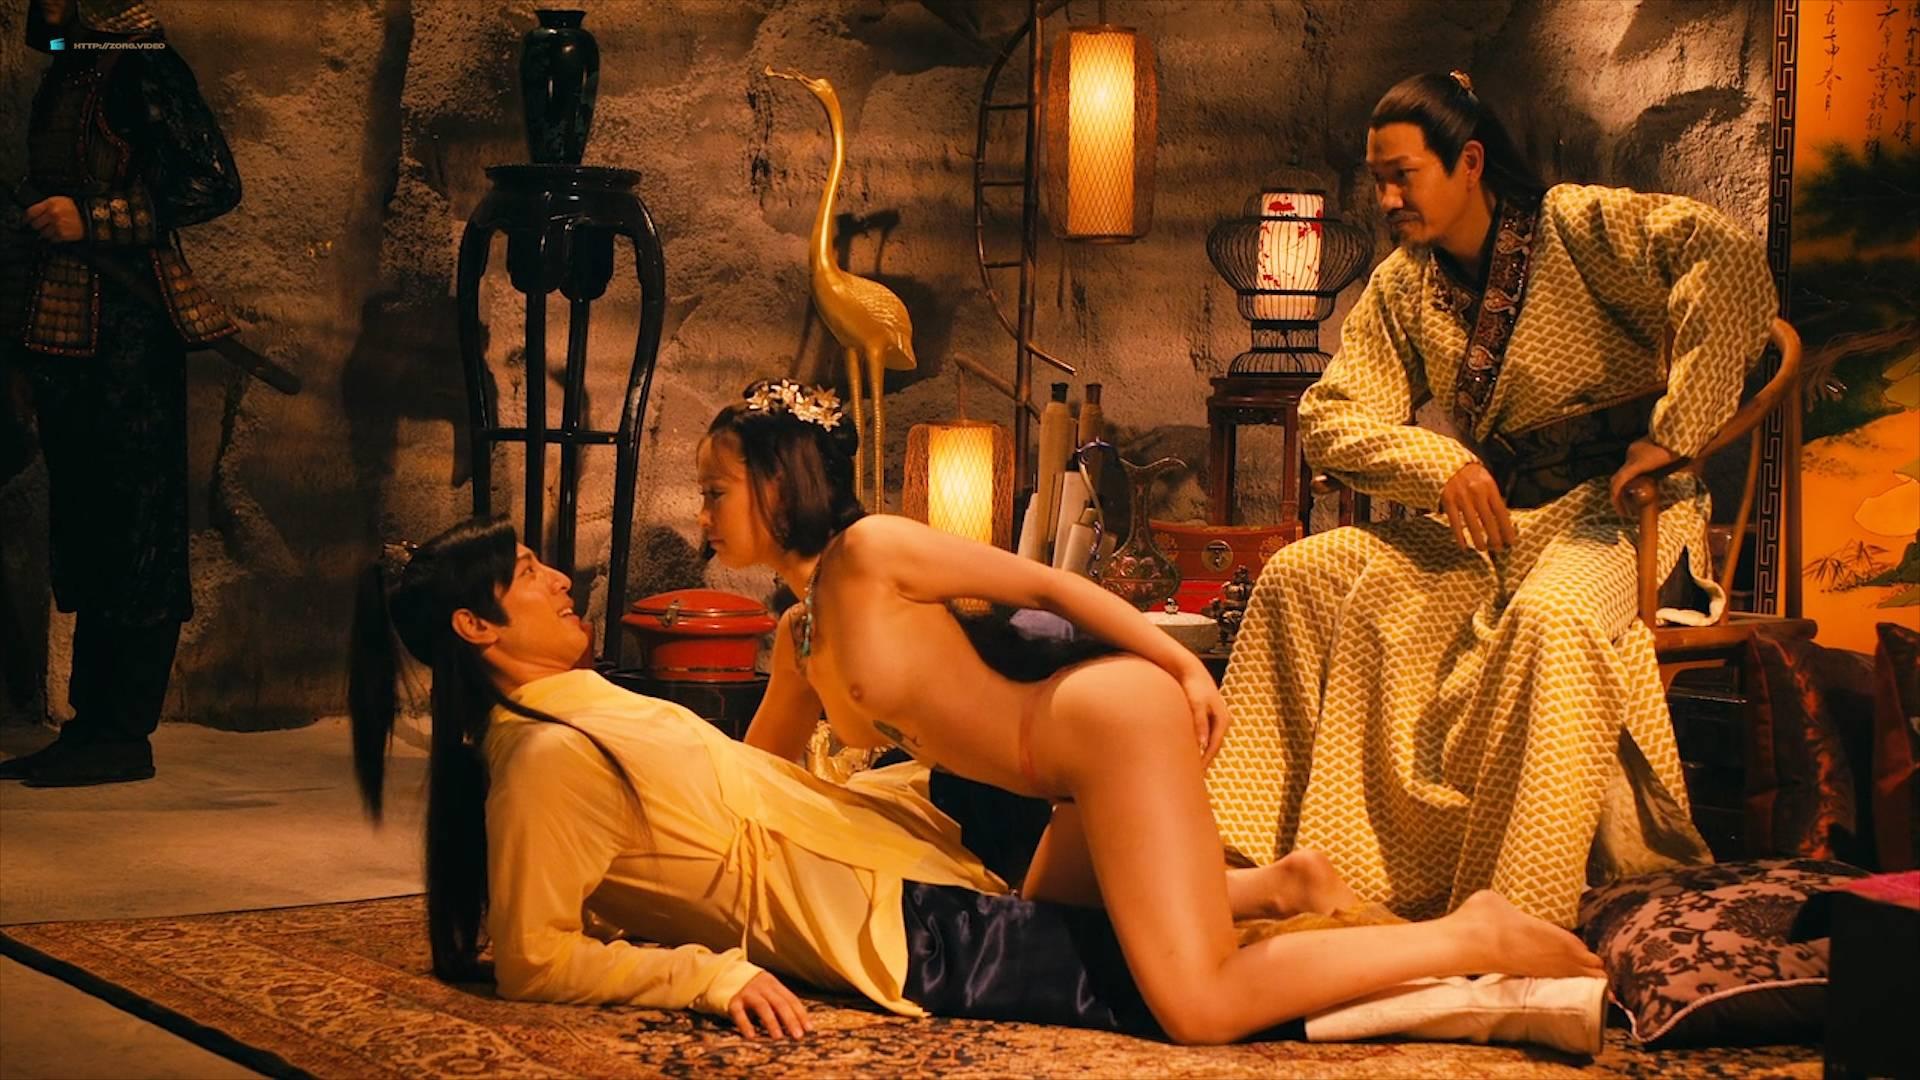 Erotic China Dolls